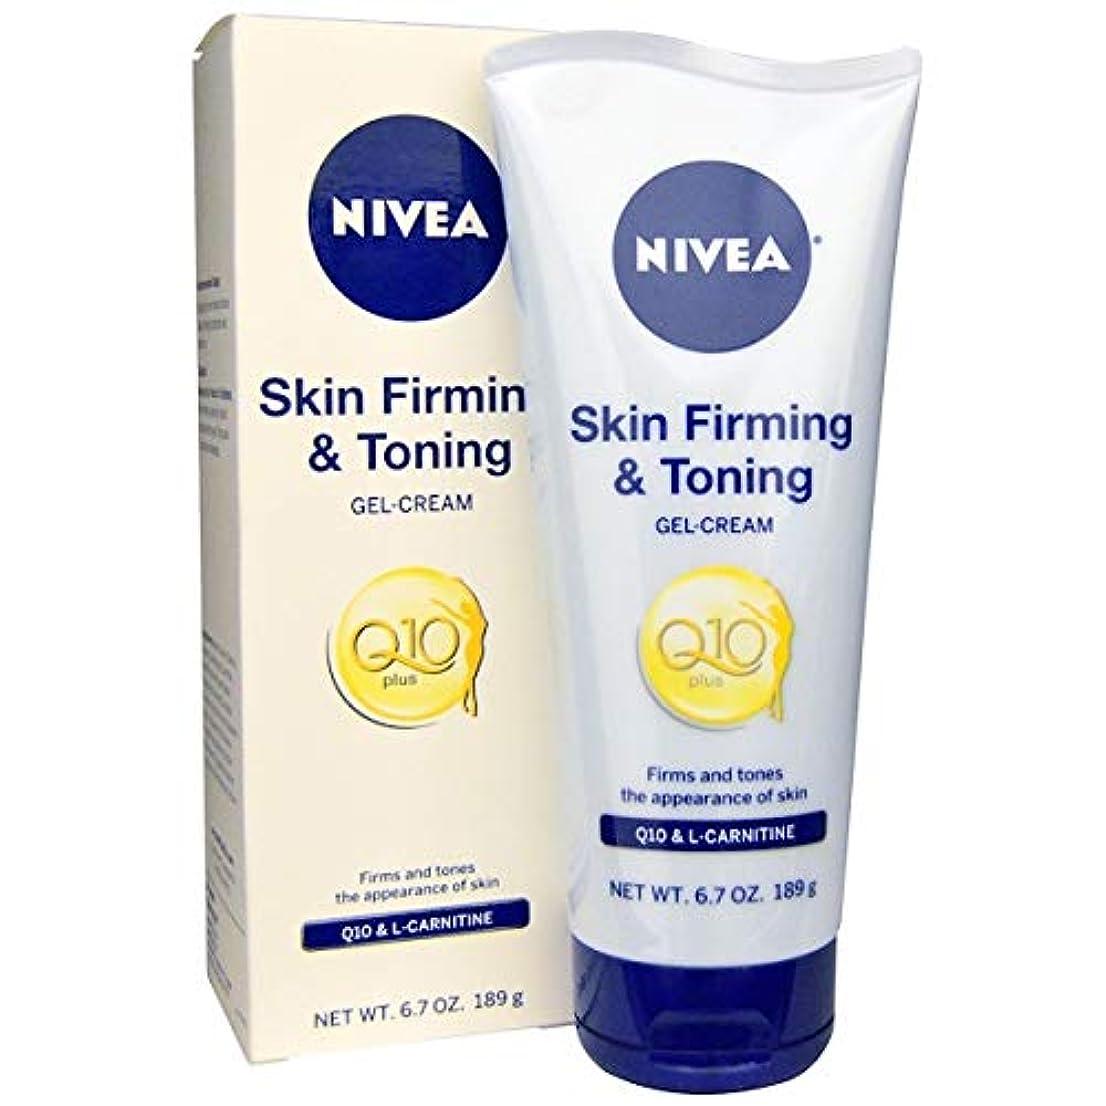 競う液体非アクティブニベア  ファーミング セルライトジェルクリーム Q10プラス FIRMING Cellulite Gel Cream Q10 Plus【海外直送品】